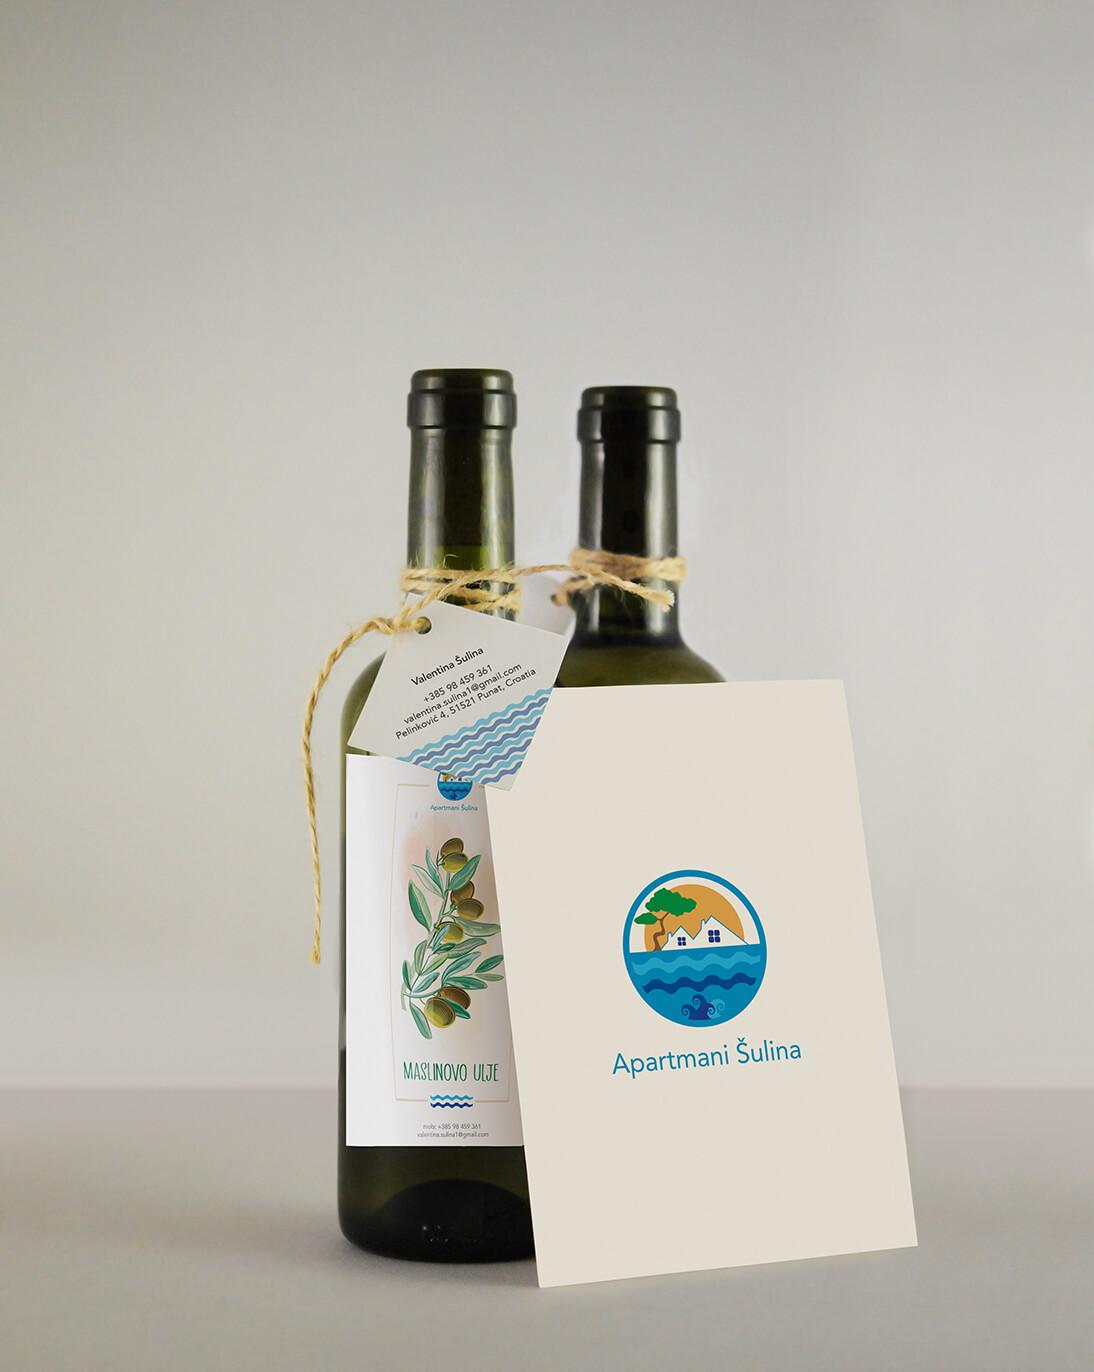 dizajn ambalaže maslinovo ulje